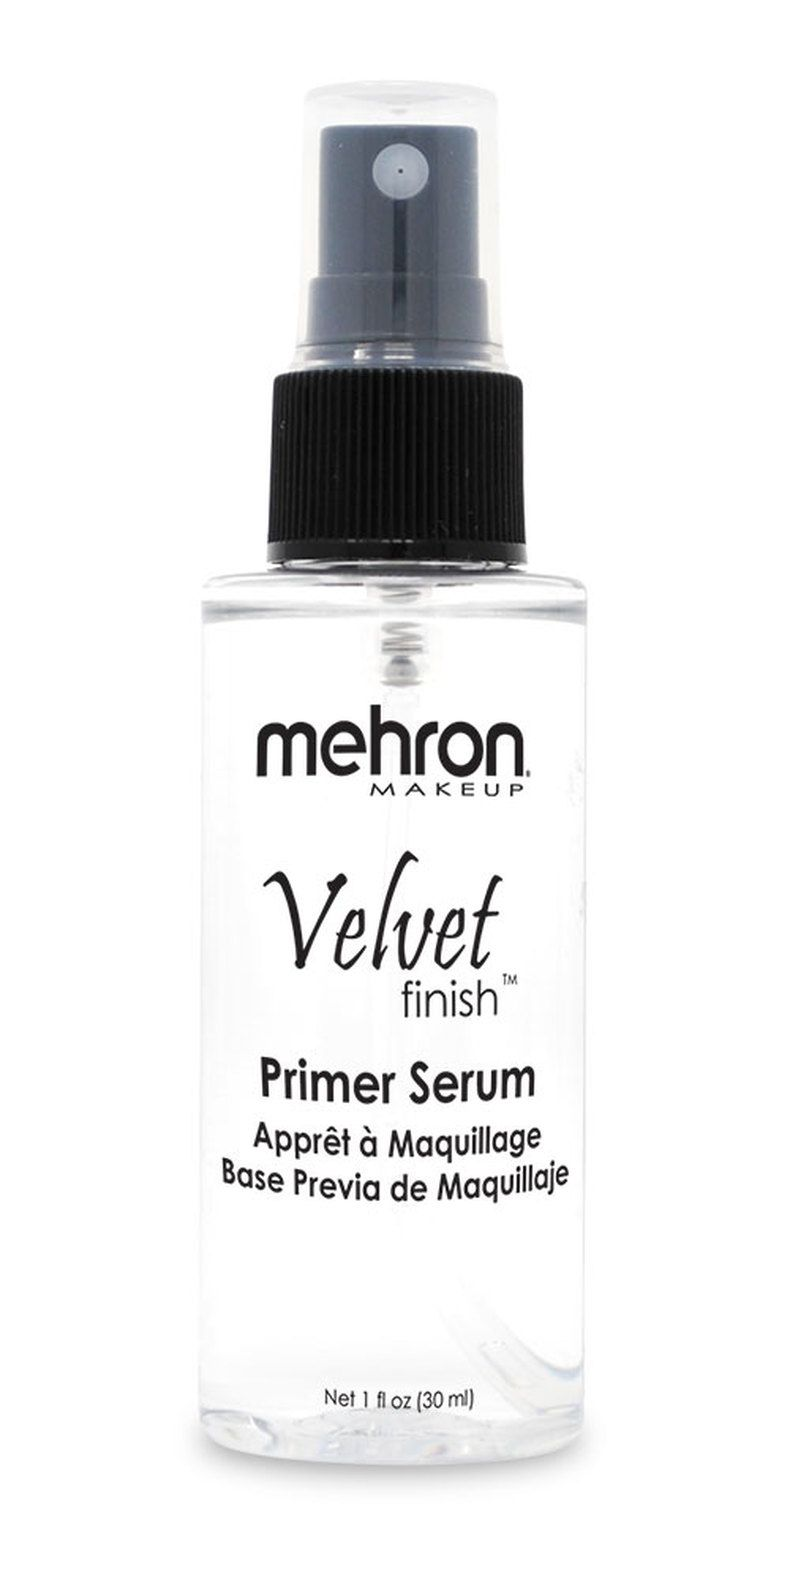 Mehron Velvet Finish